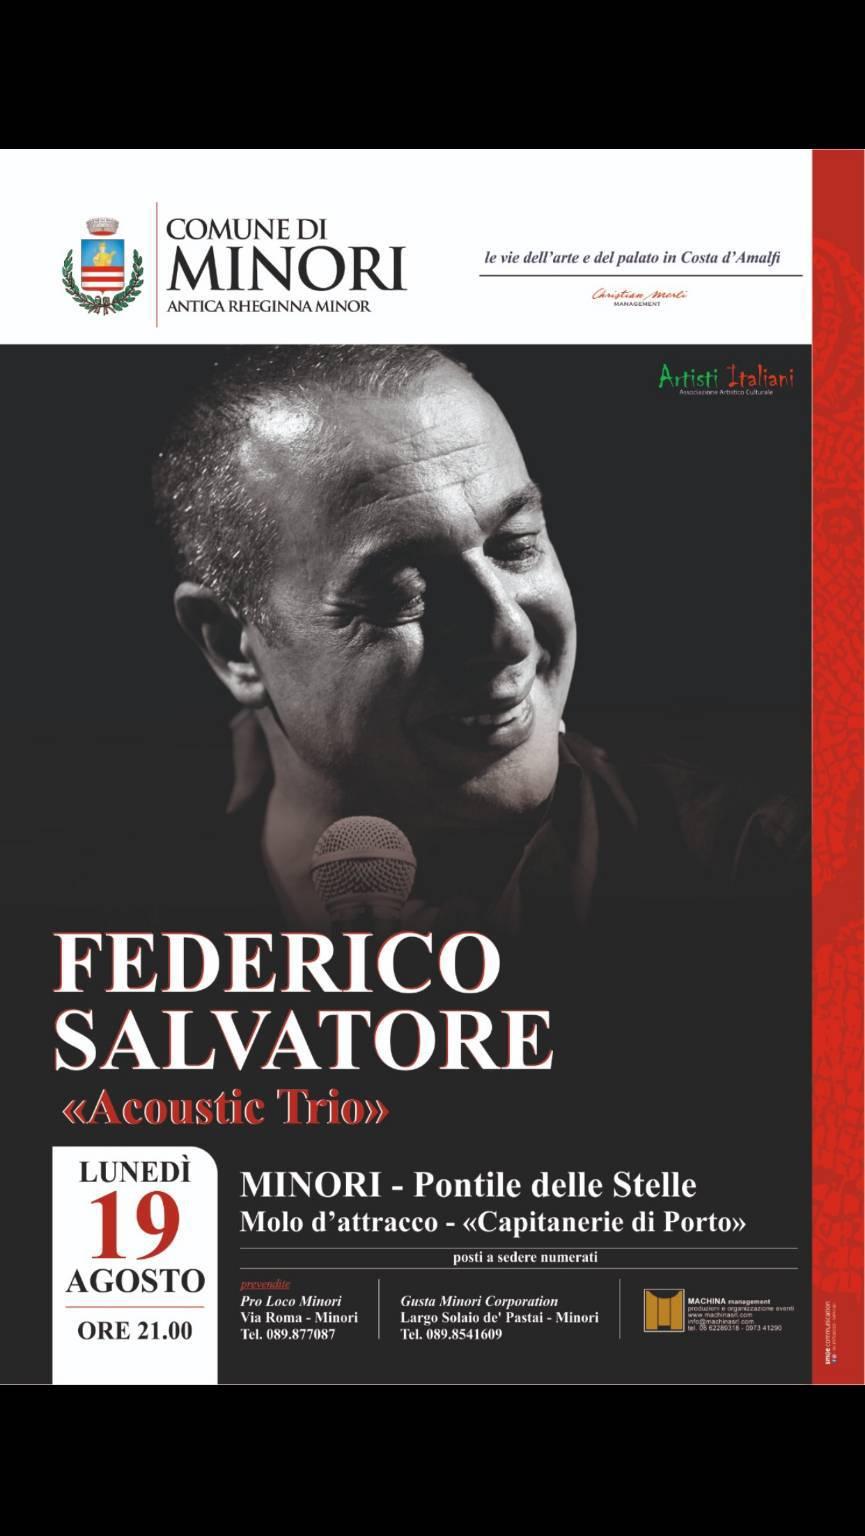 """Federico Salvatore a Minori il 19 Agosto 2019  Molo d'attracco delle guardie costiere"""".  21.00"""